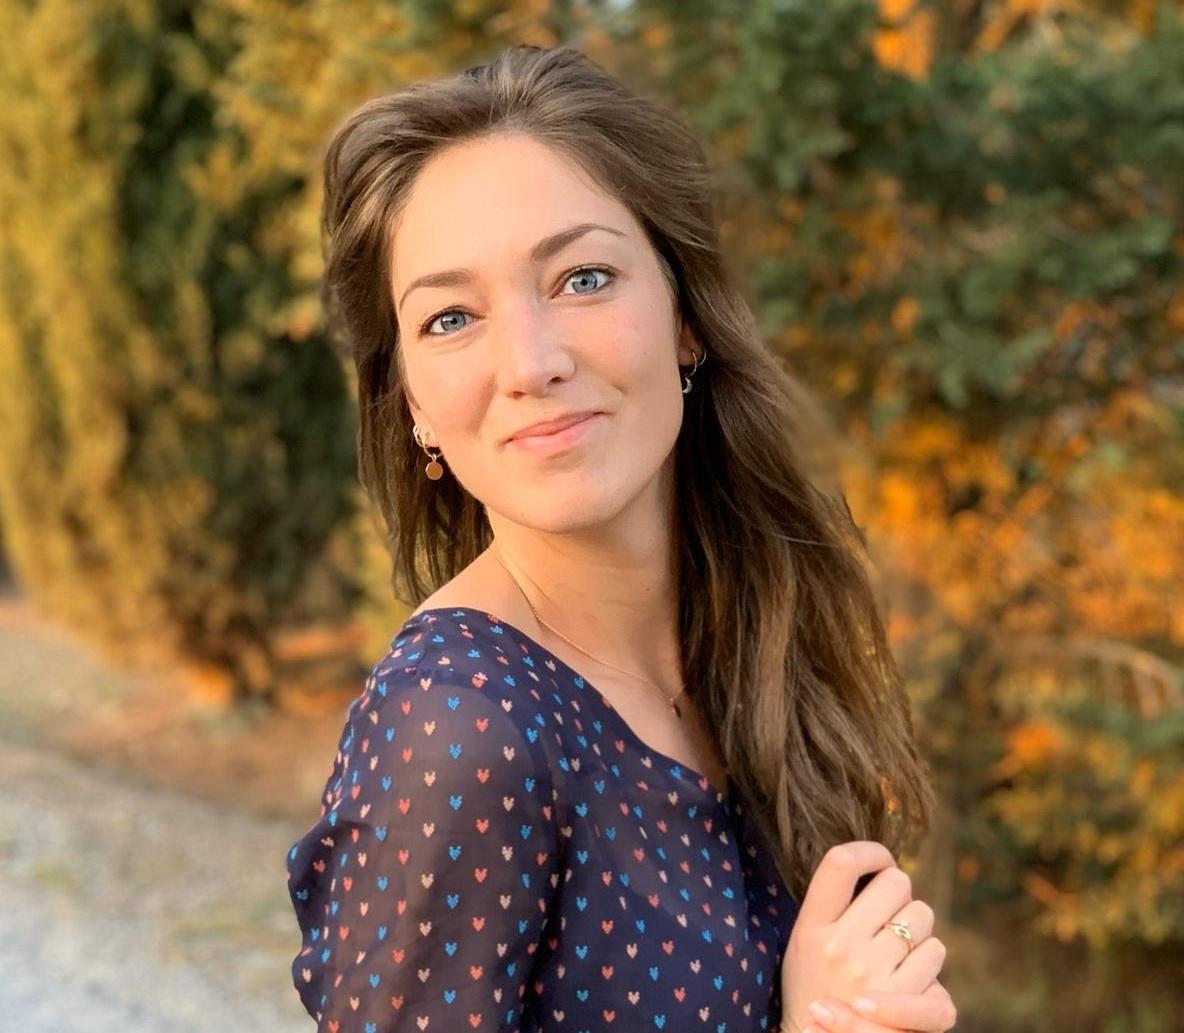 Larissa Ruwiel